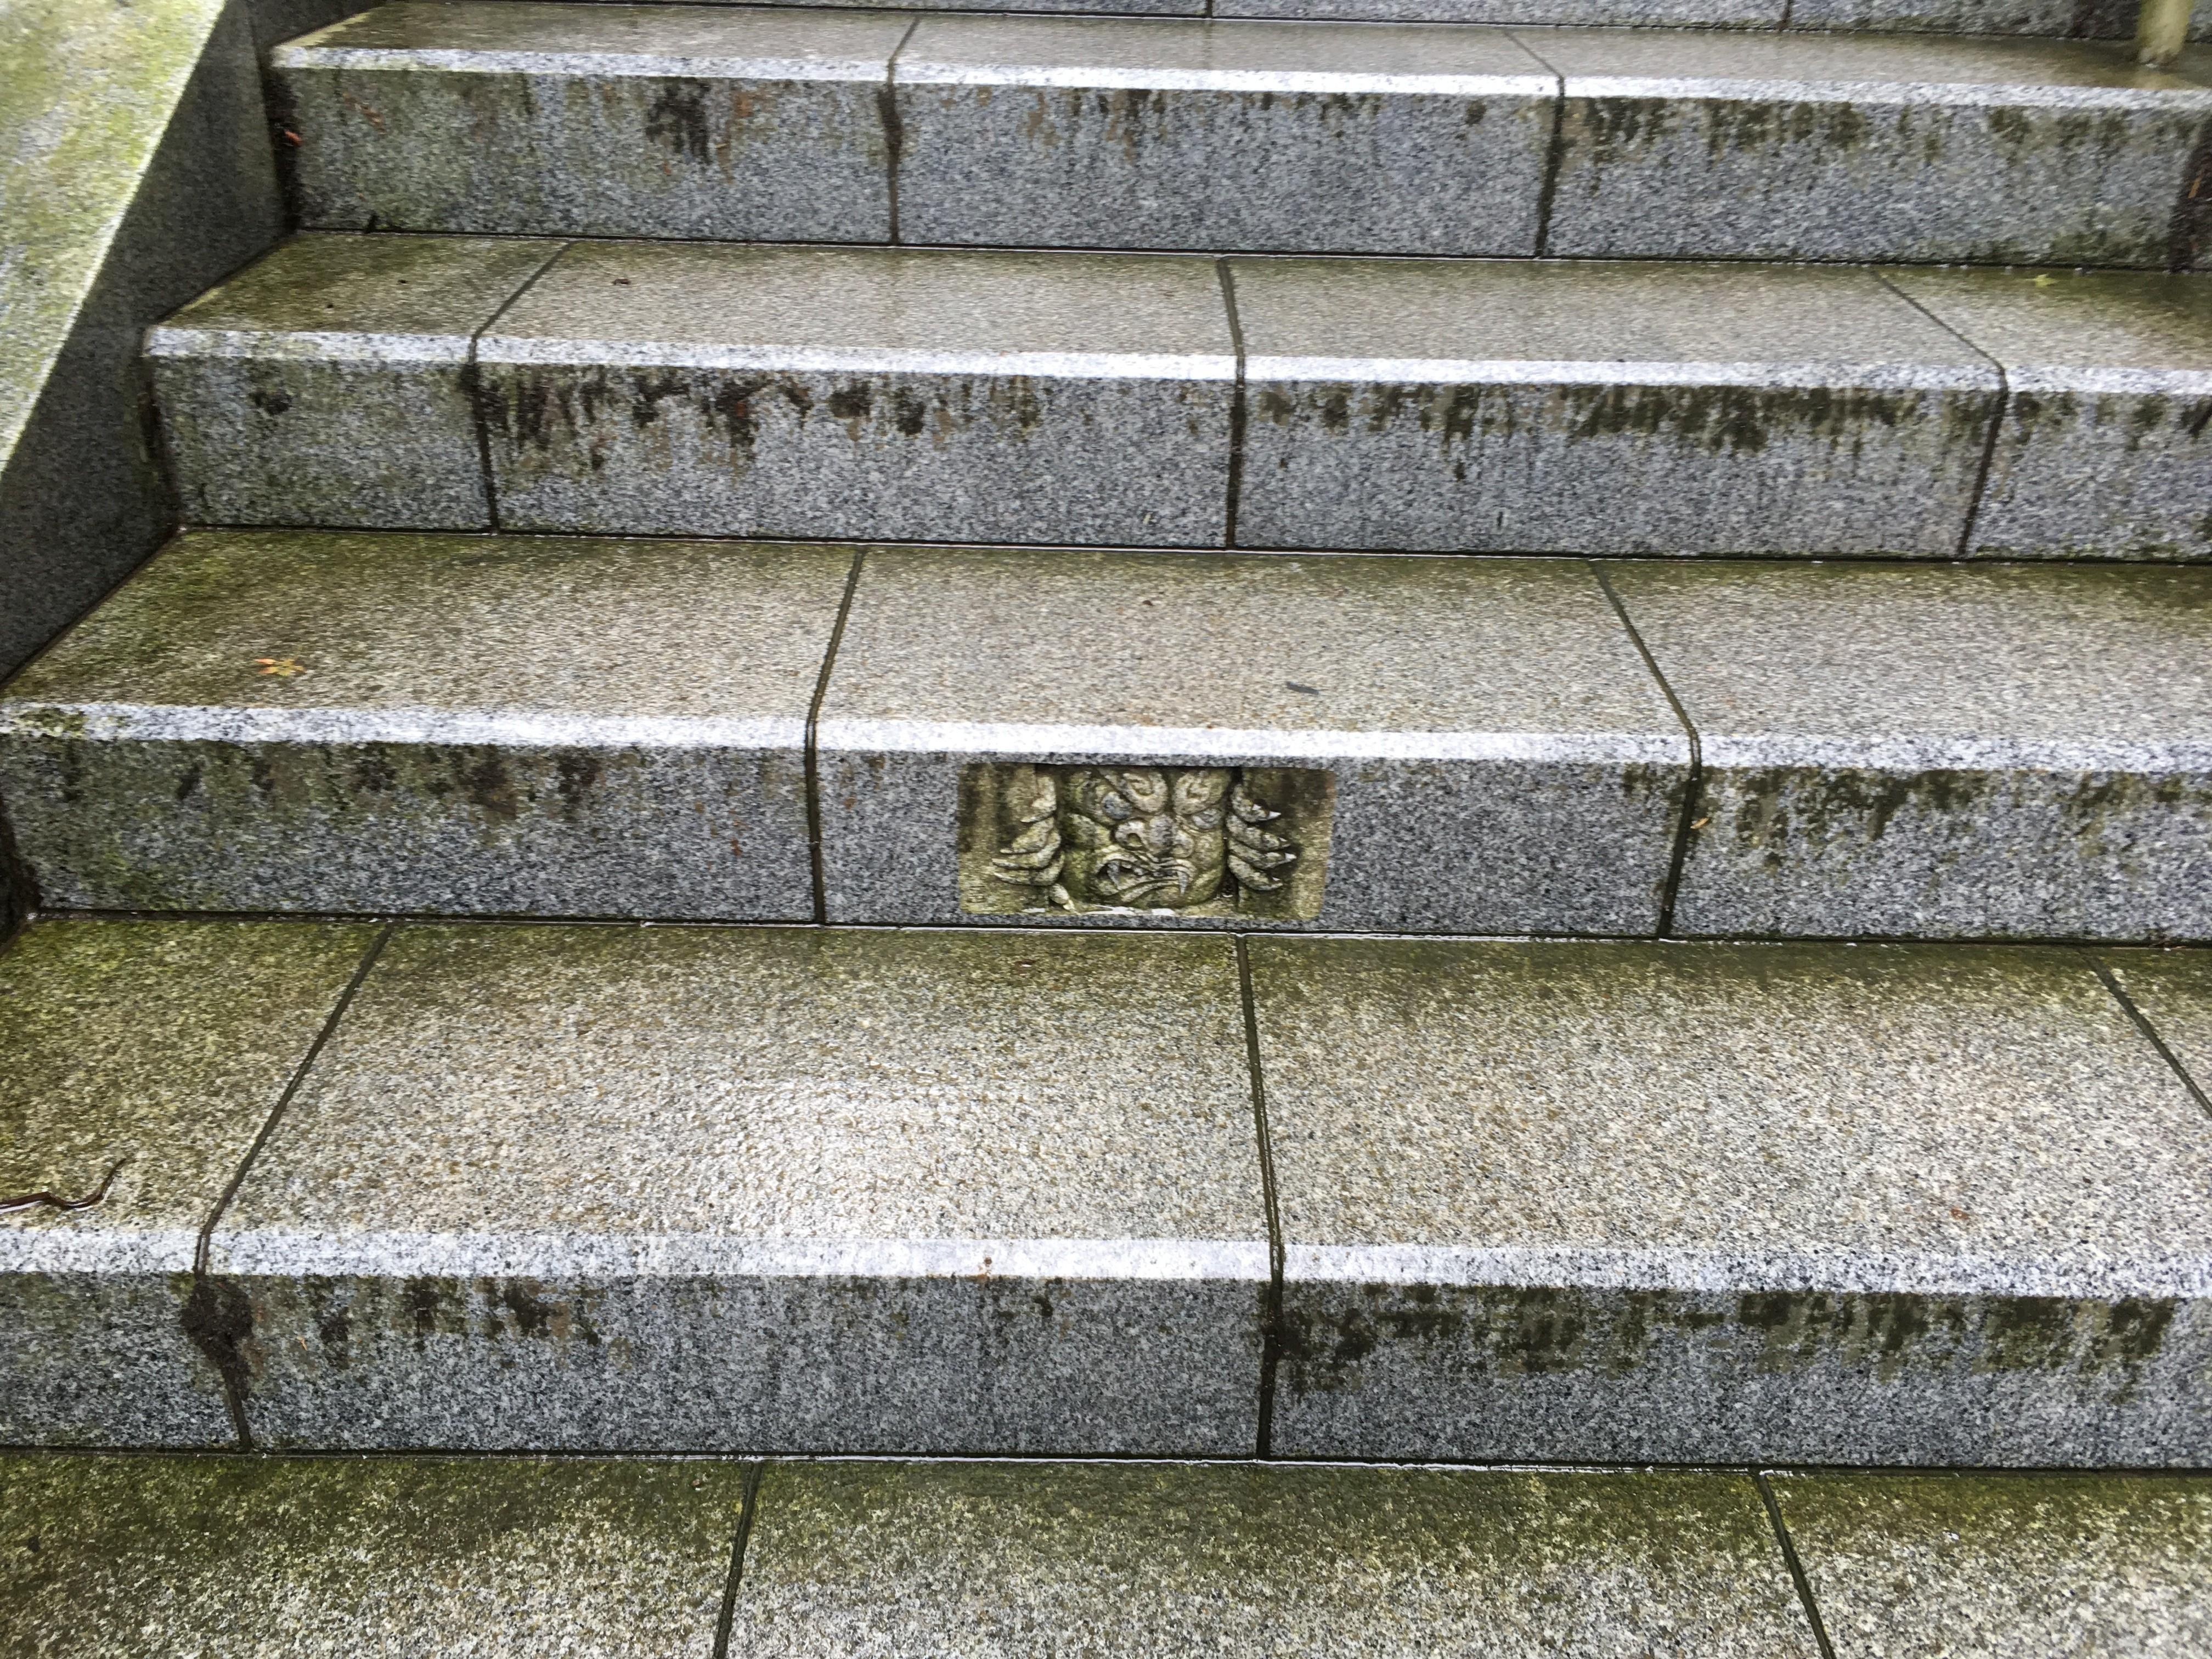 武蔵御嶽神社へと続く階段(約330段)に潜む鬼